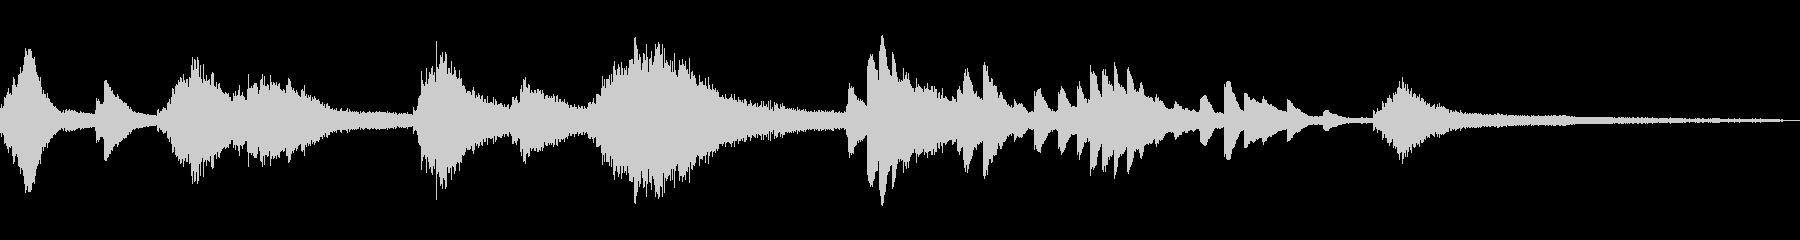 緊張感のある和風ジングル45-ピアノソロの未再生の波形